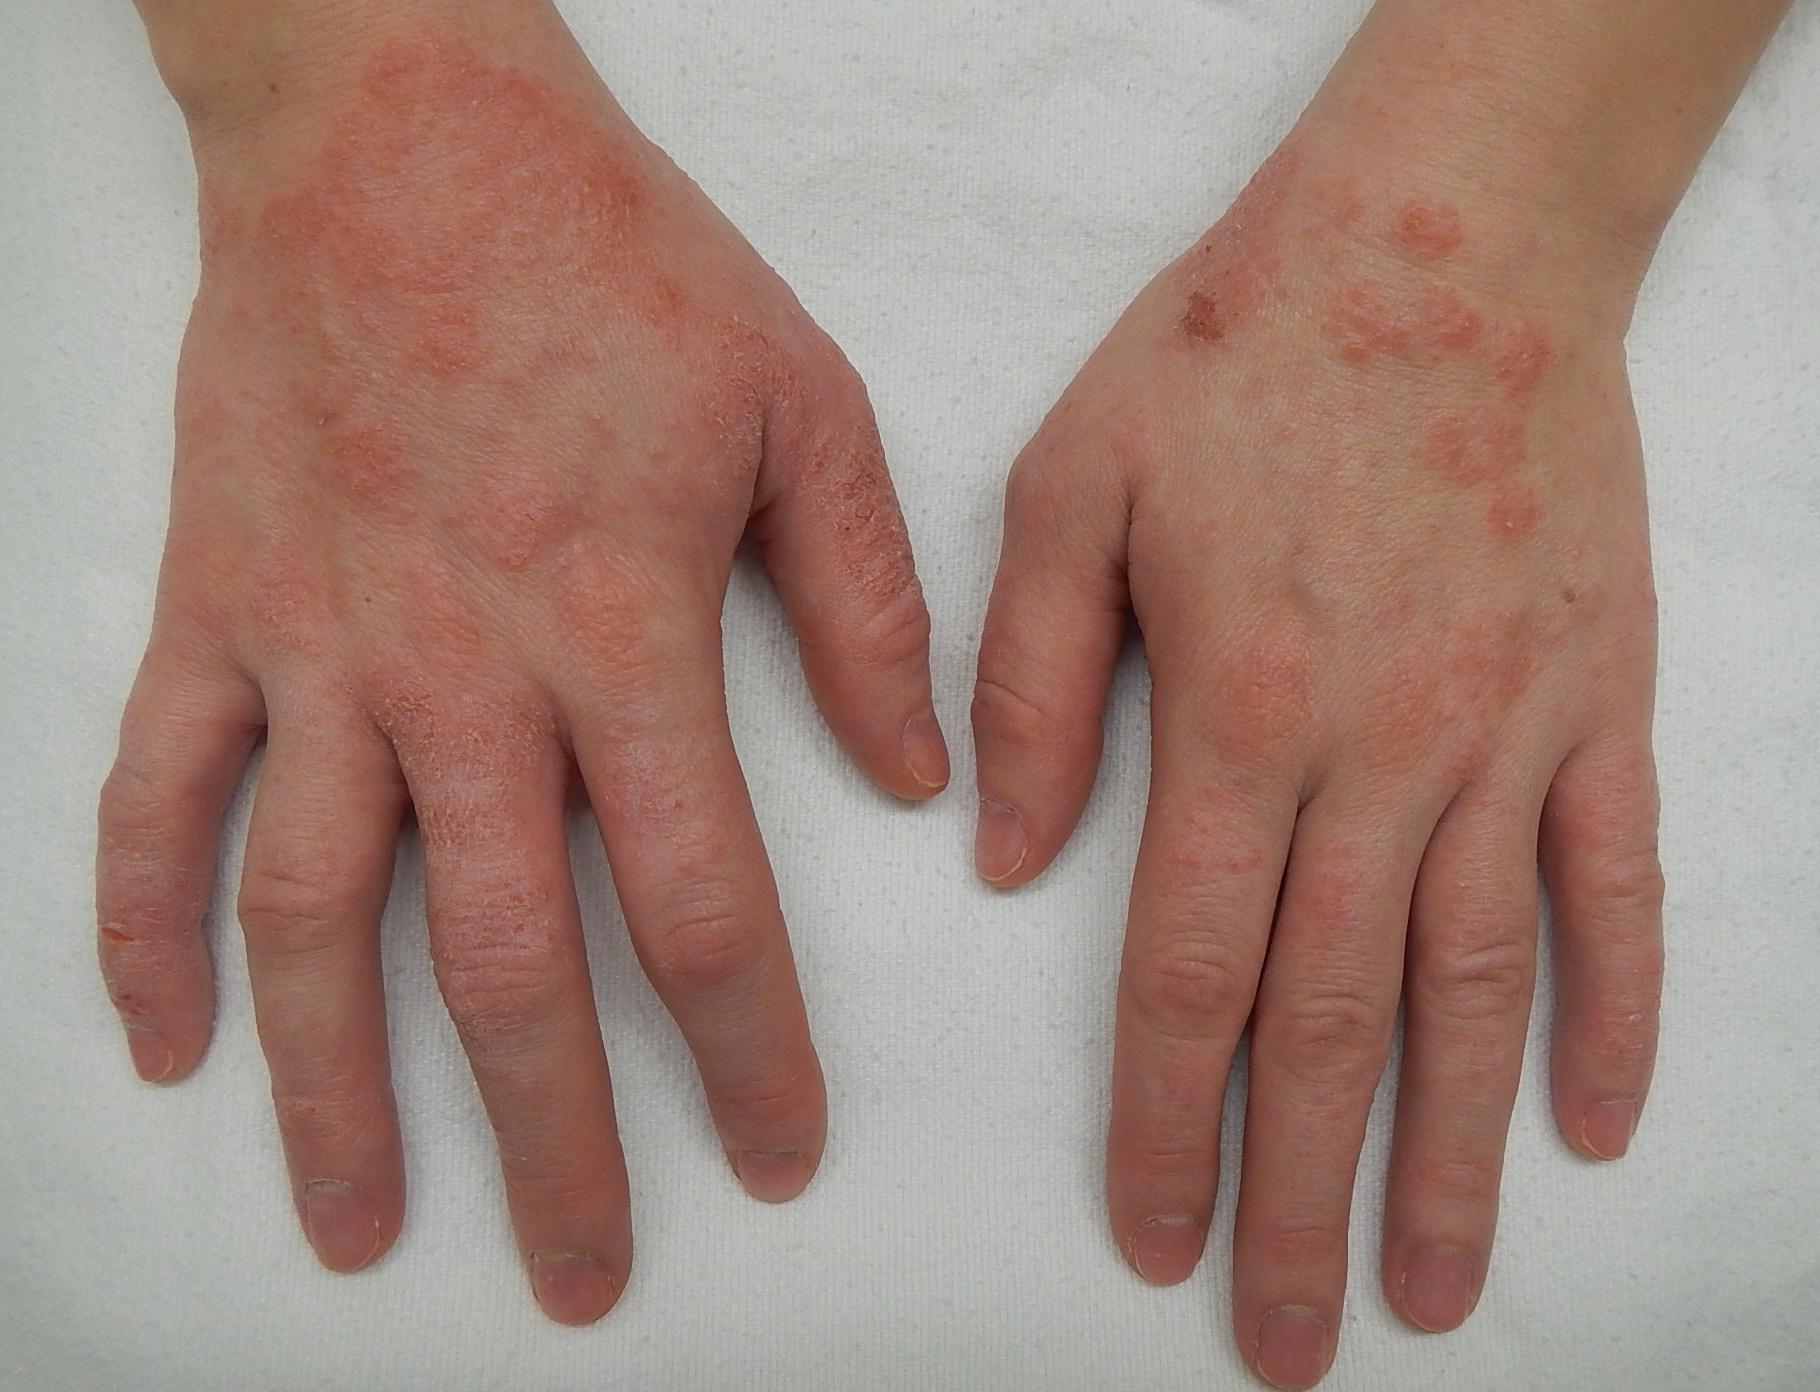 vörös foltok az ujjak között és viszketőek